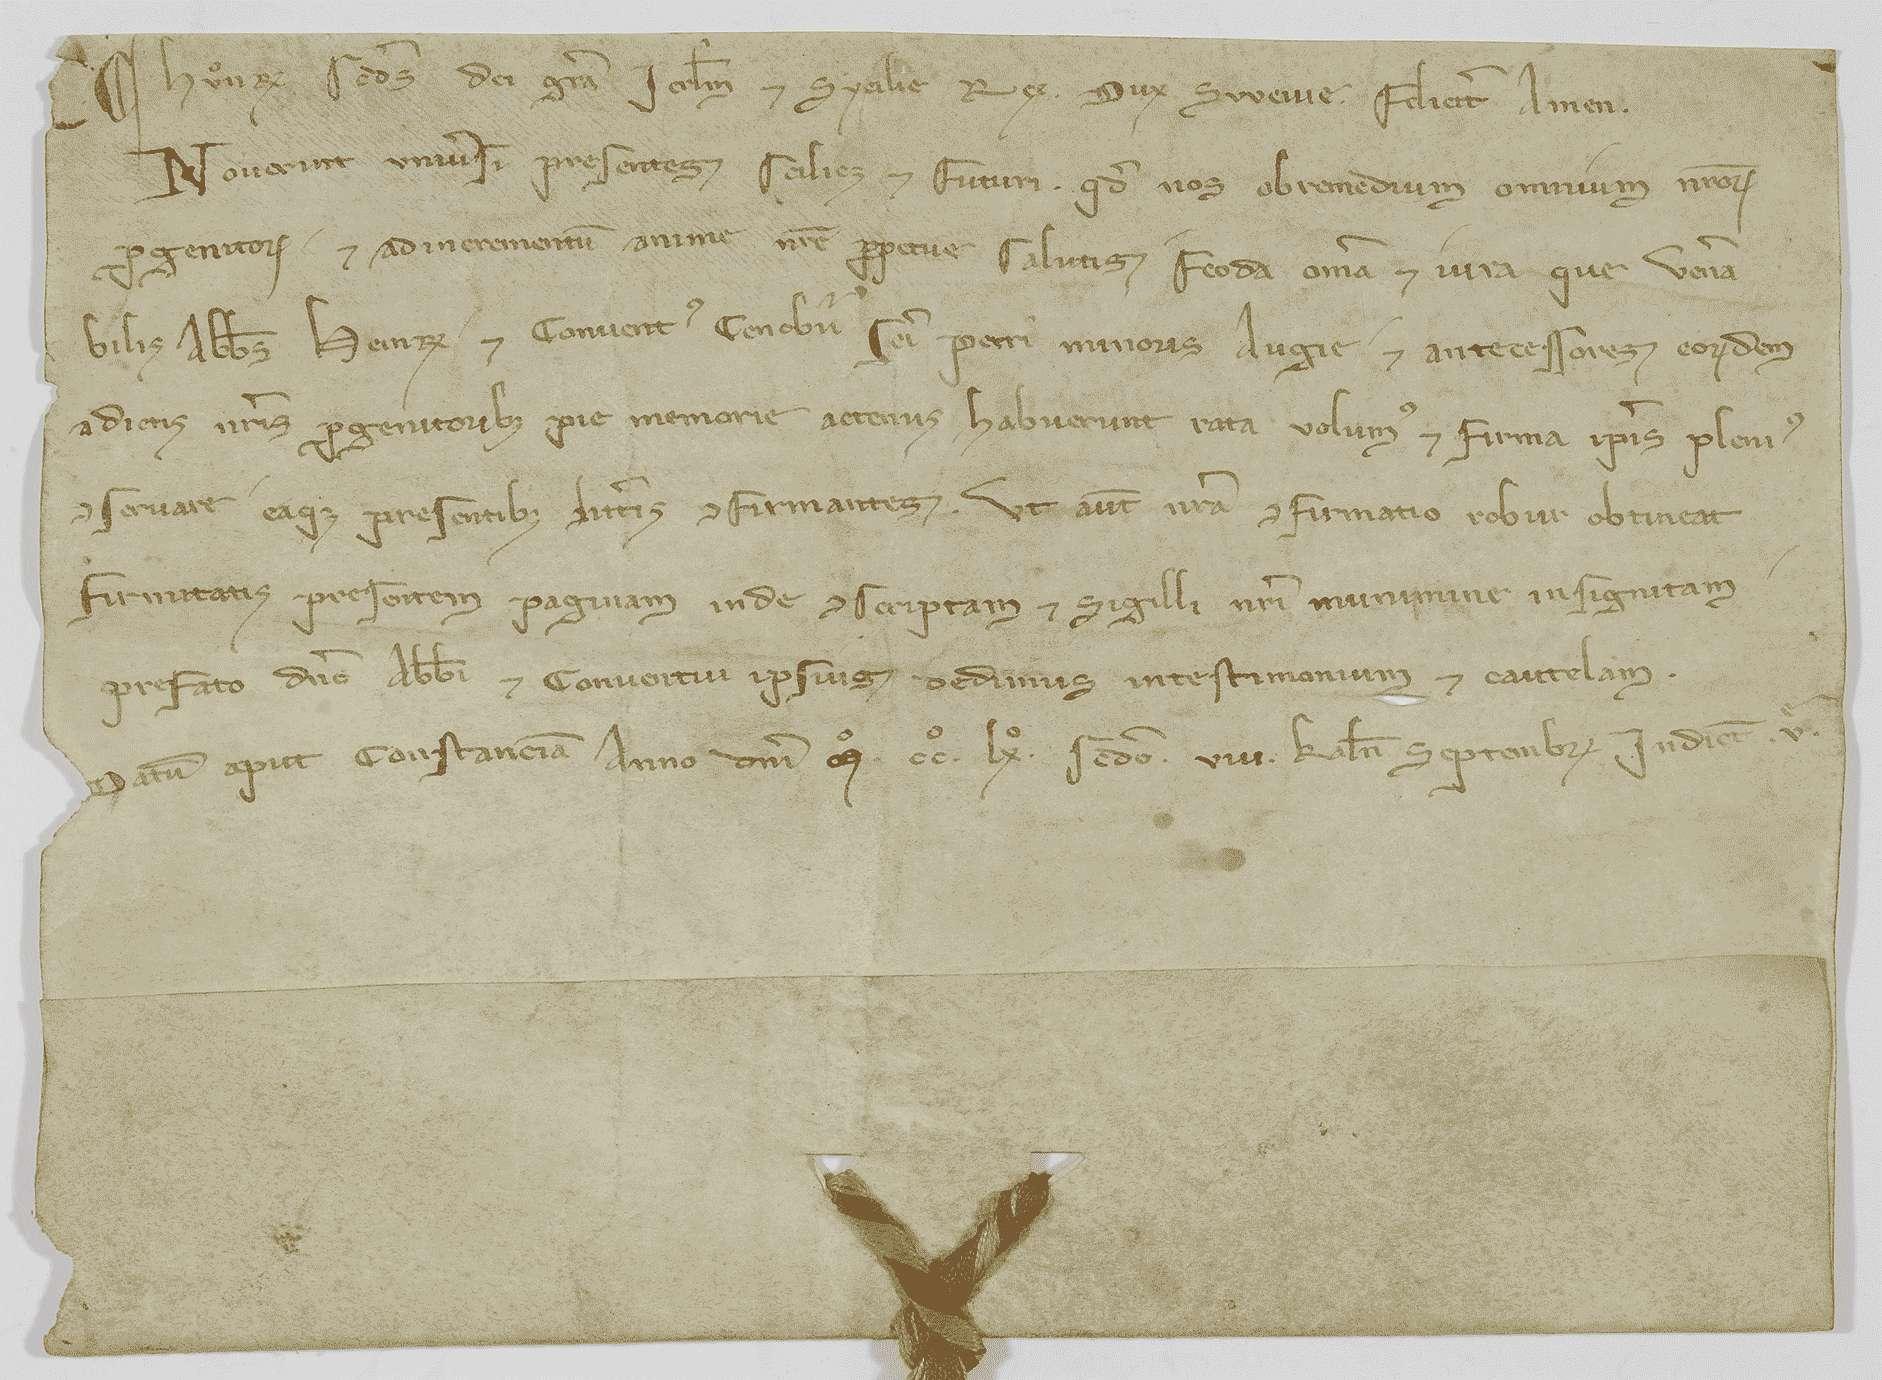 König Konradin von Jerusalem und Sizilien, Herzog von Schwaben, bestätigt dem Kloster Weißenau alle demselben von seinen Vorfahren verliehenen Rechte., Bild 1